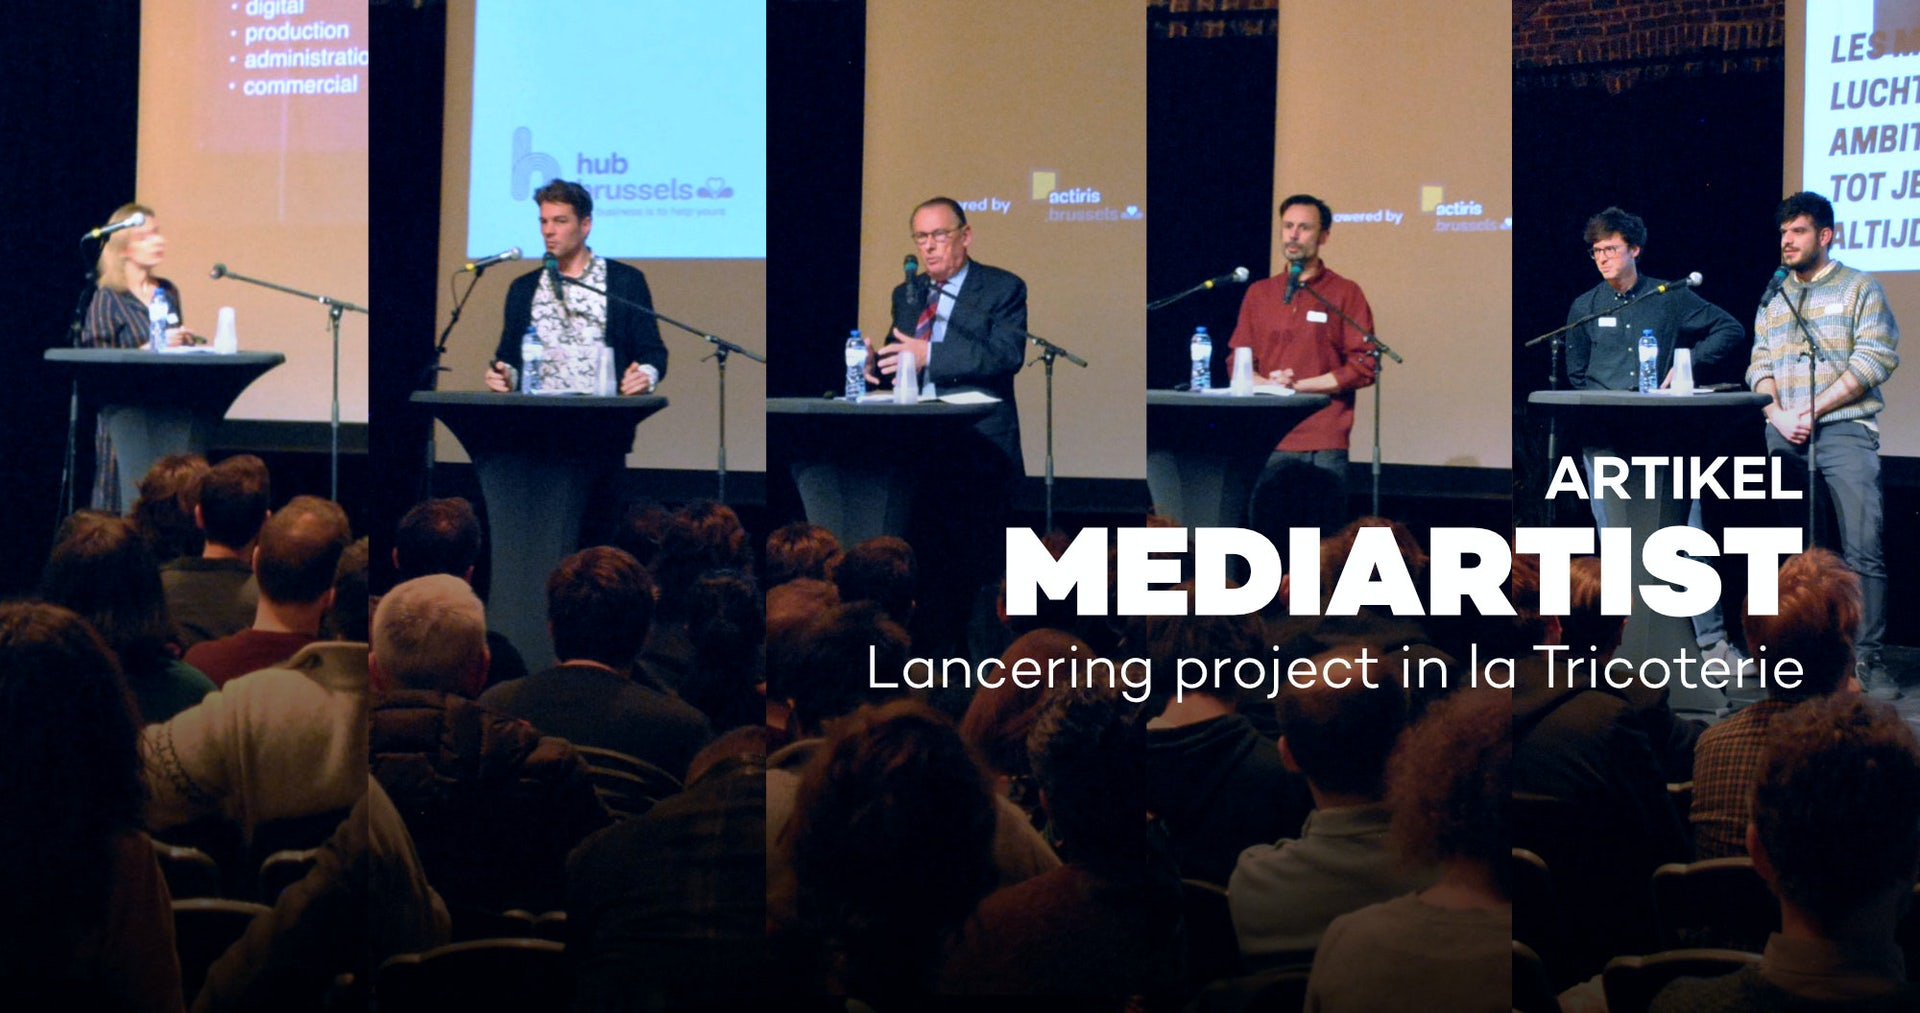 Lanceringsevent voor het project mediartist